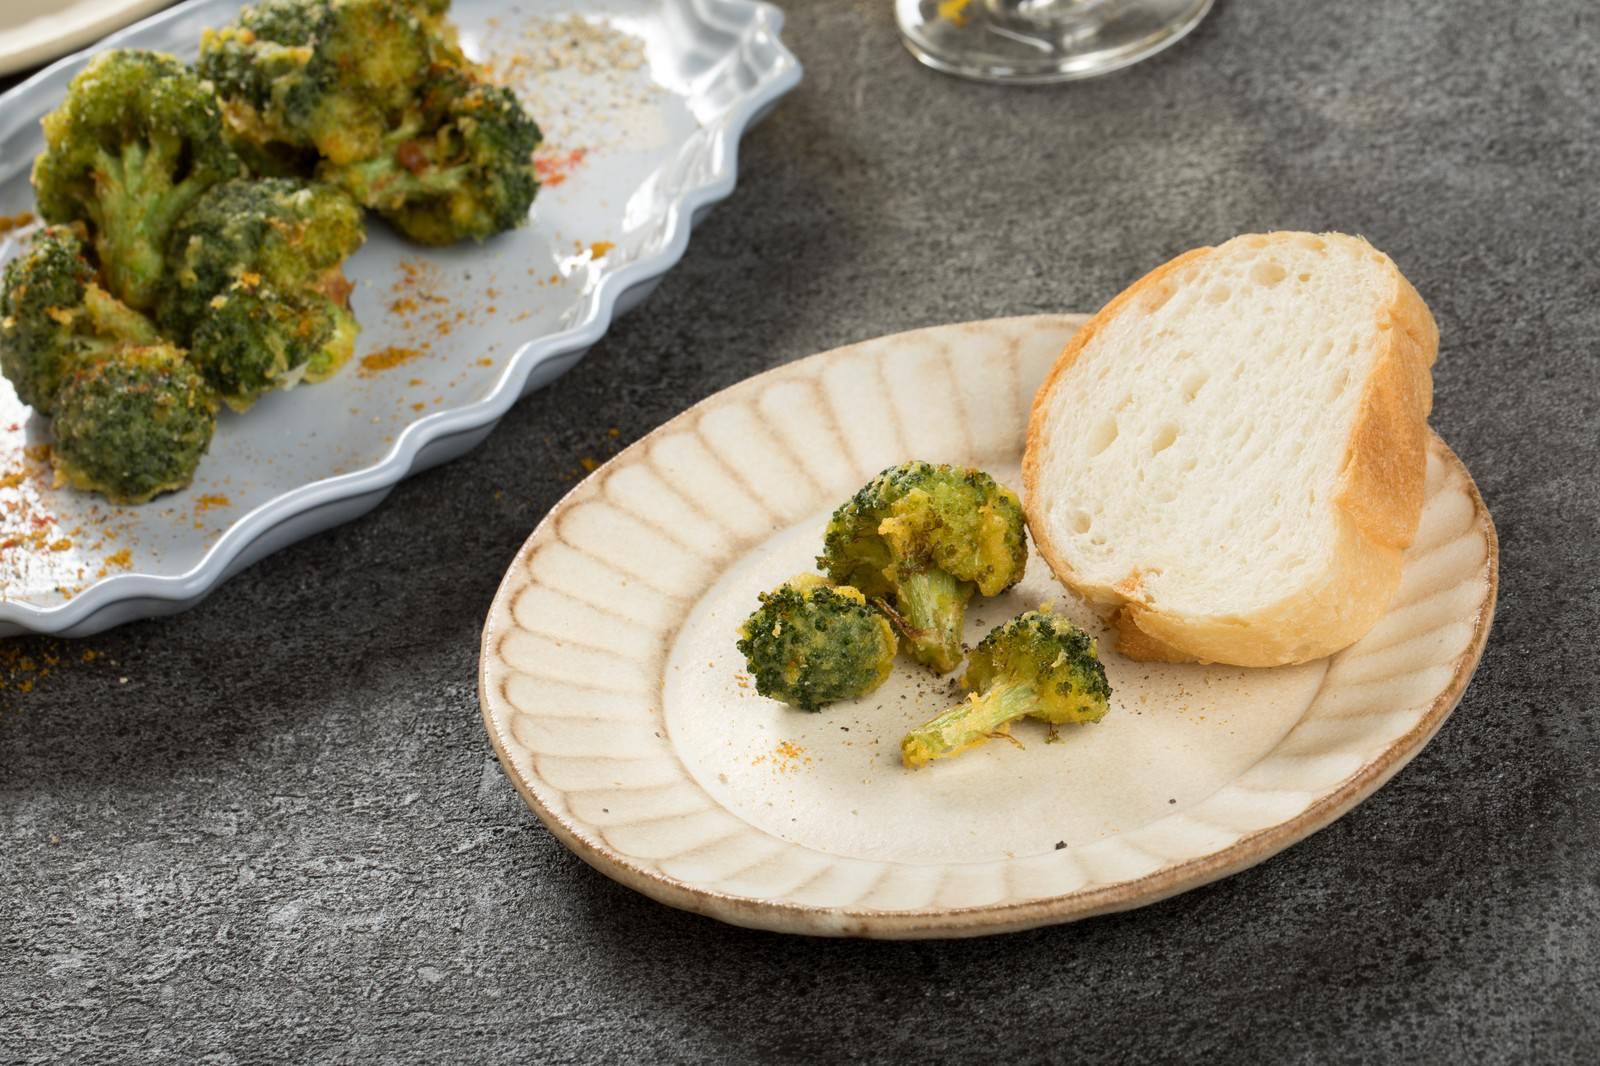 「フランスパンとブロッコリーの唐揚げ」の写真